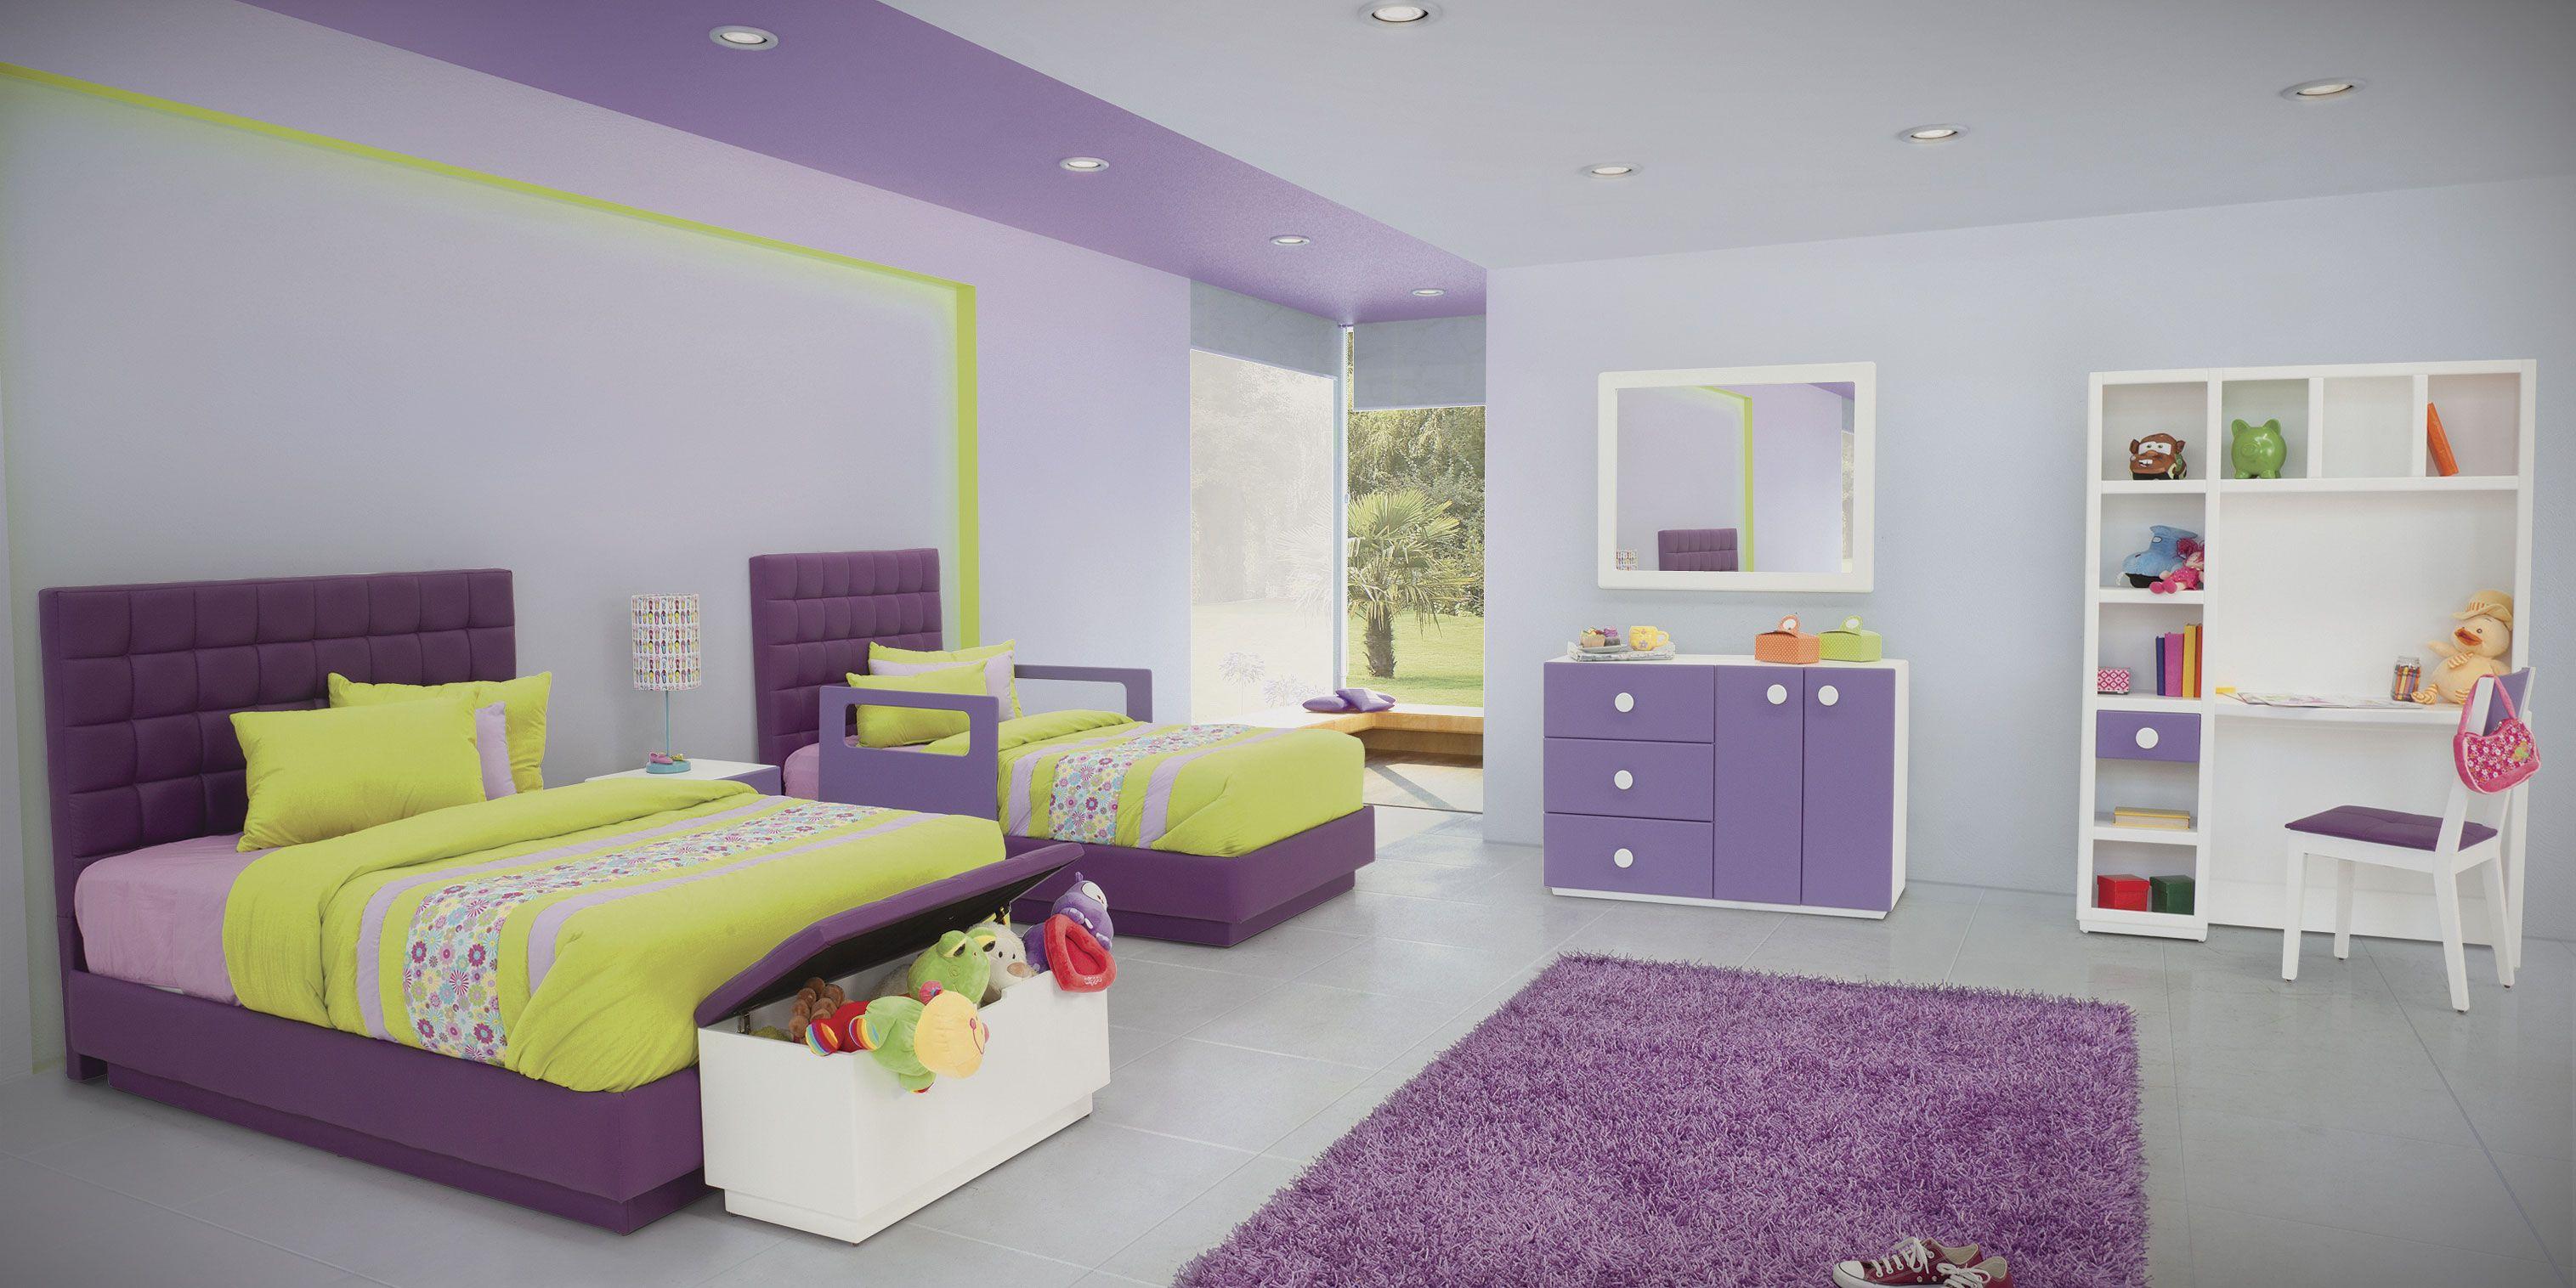 Recamara Bombay Morada De Placencia Muebles Home Decor  # Muebles En New Haven Ct